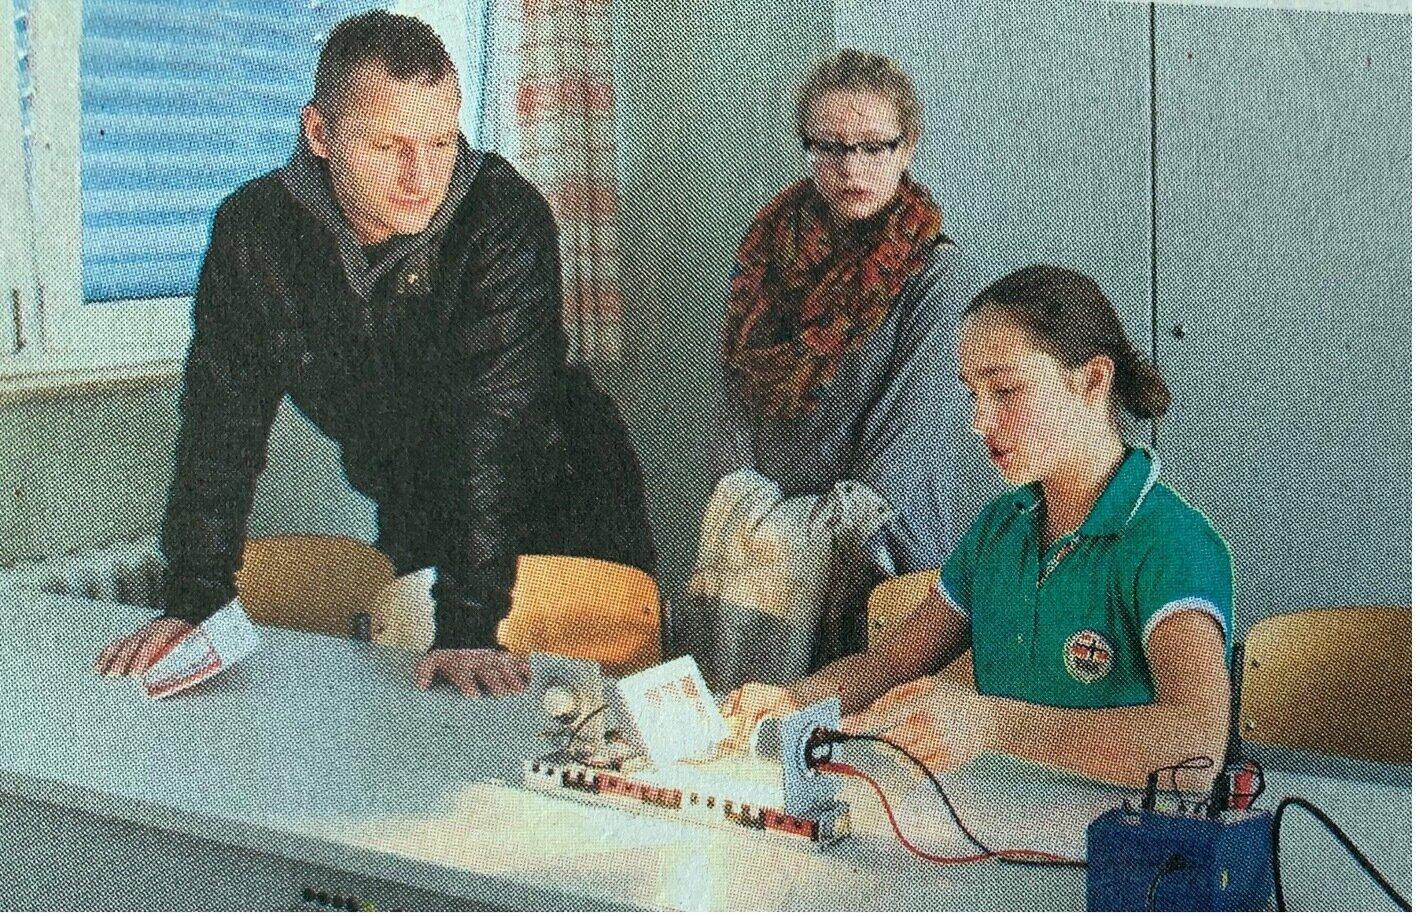 Prinz-von-Homburg-Schule Neustadt veranstaltete am Sonnabend einen Tag der offenen Tür